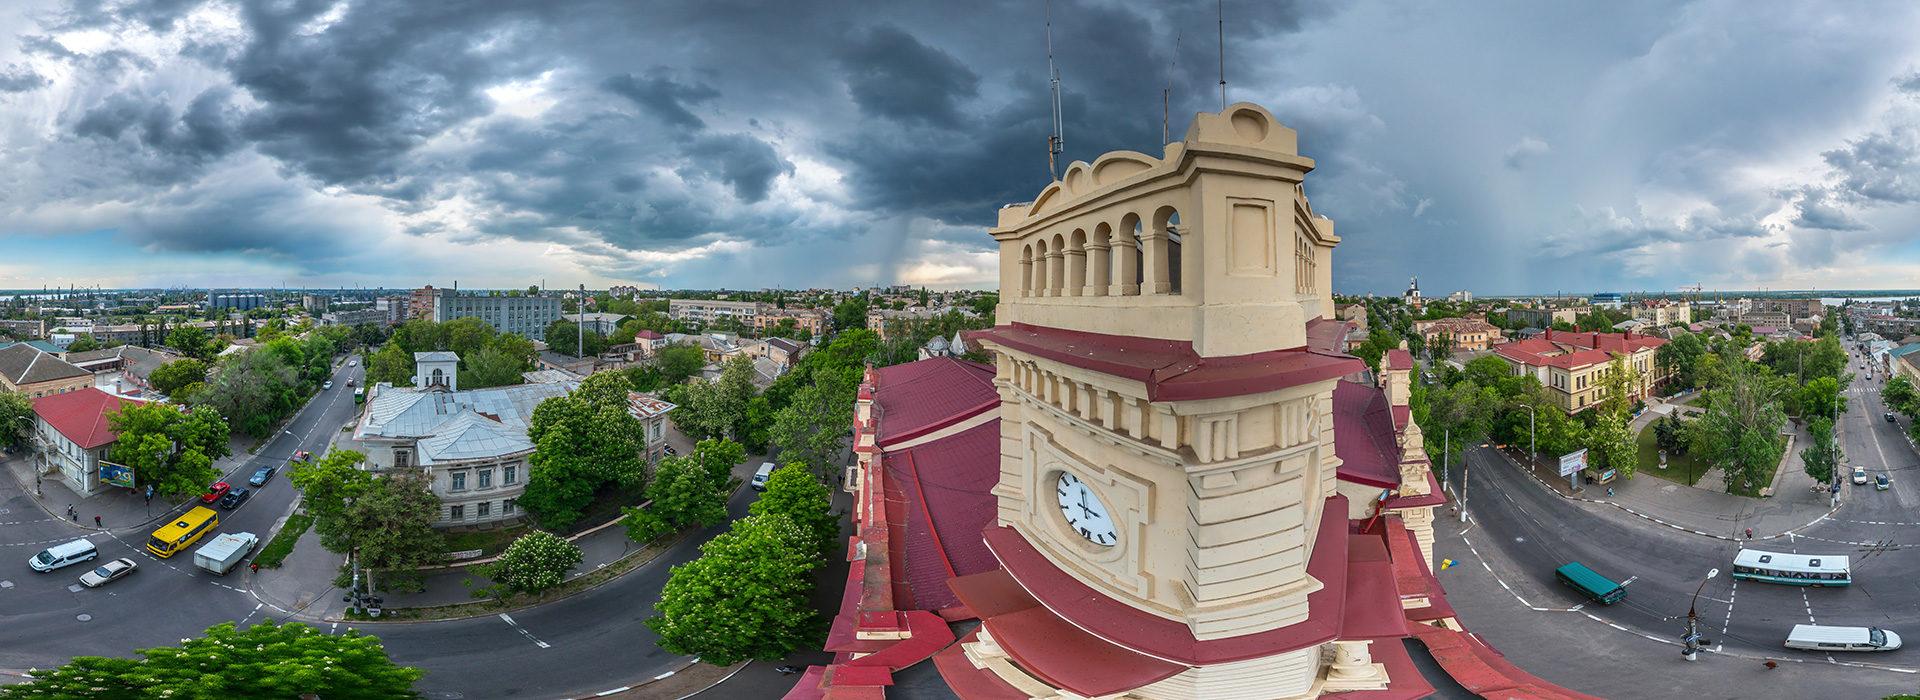 Башня художественного музея